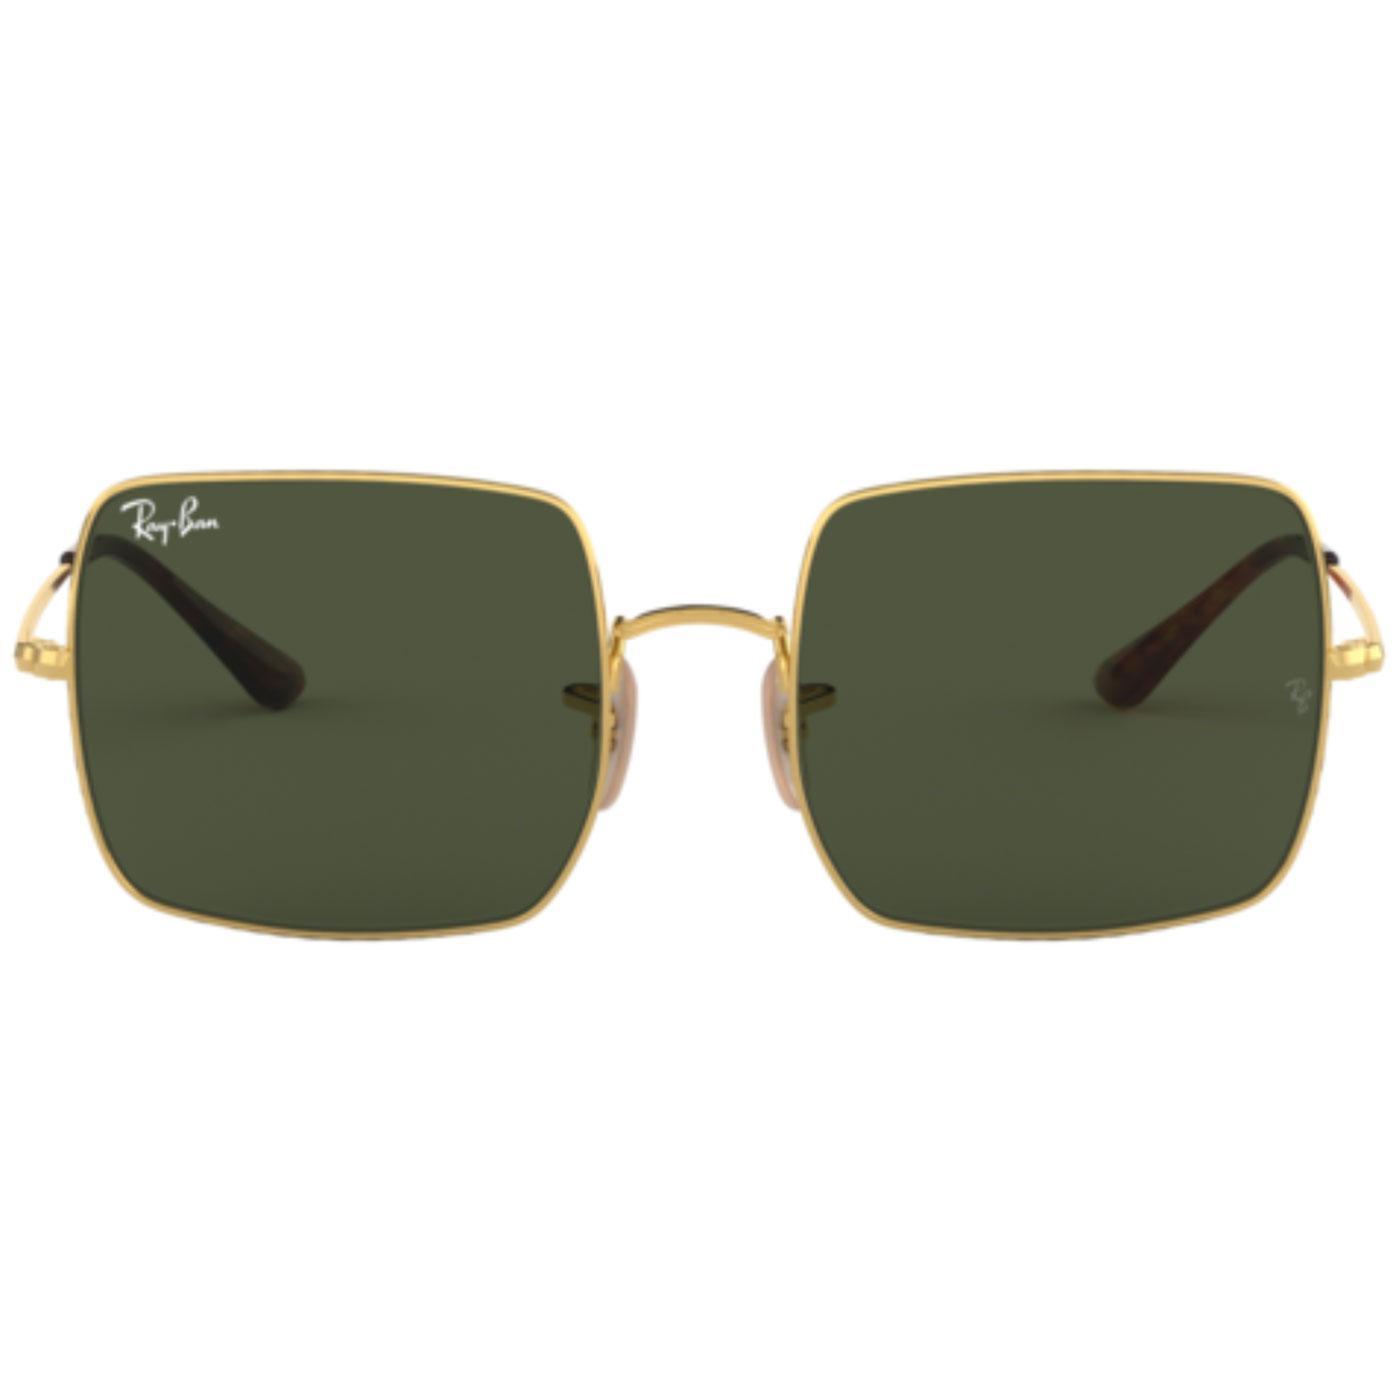 1971 Square RAY-BAN Retro 70s Square Sunglasses G